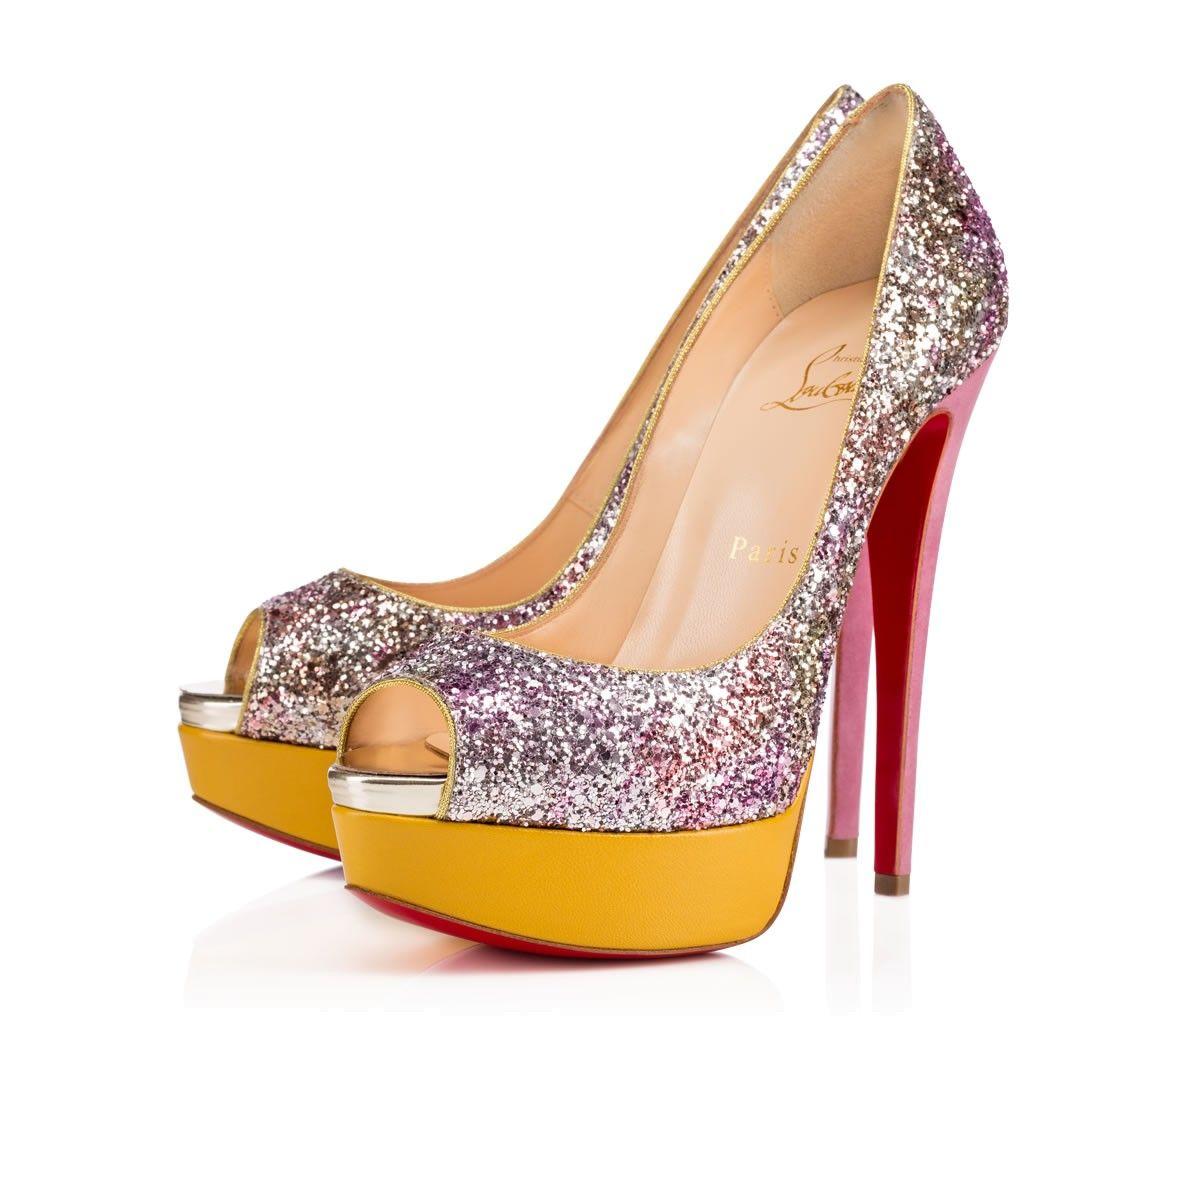 58379fc4511d Women Shoes - Lady Peep 150 Glitter Aquarium suede - Christian Louboutin